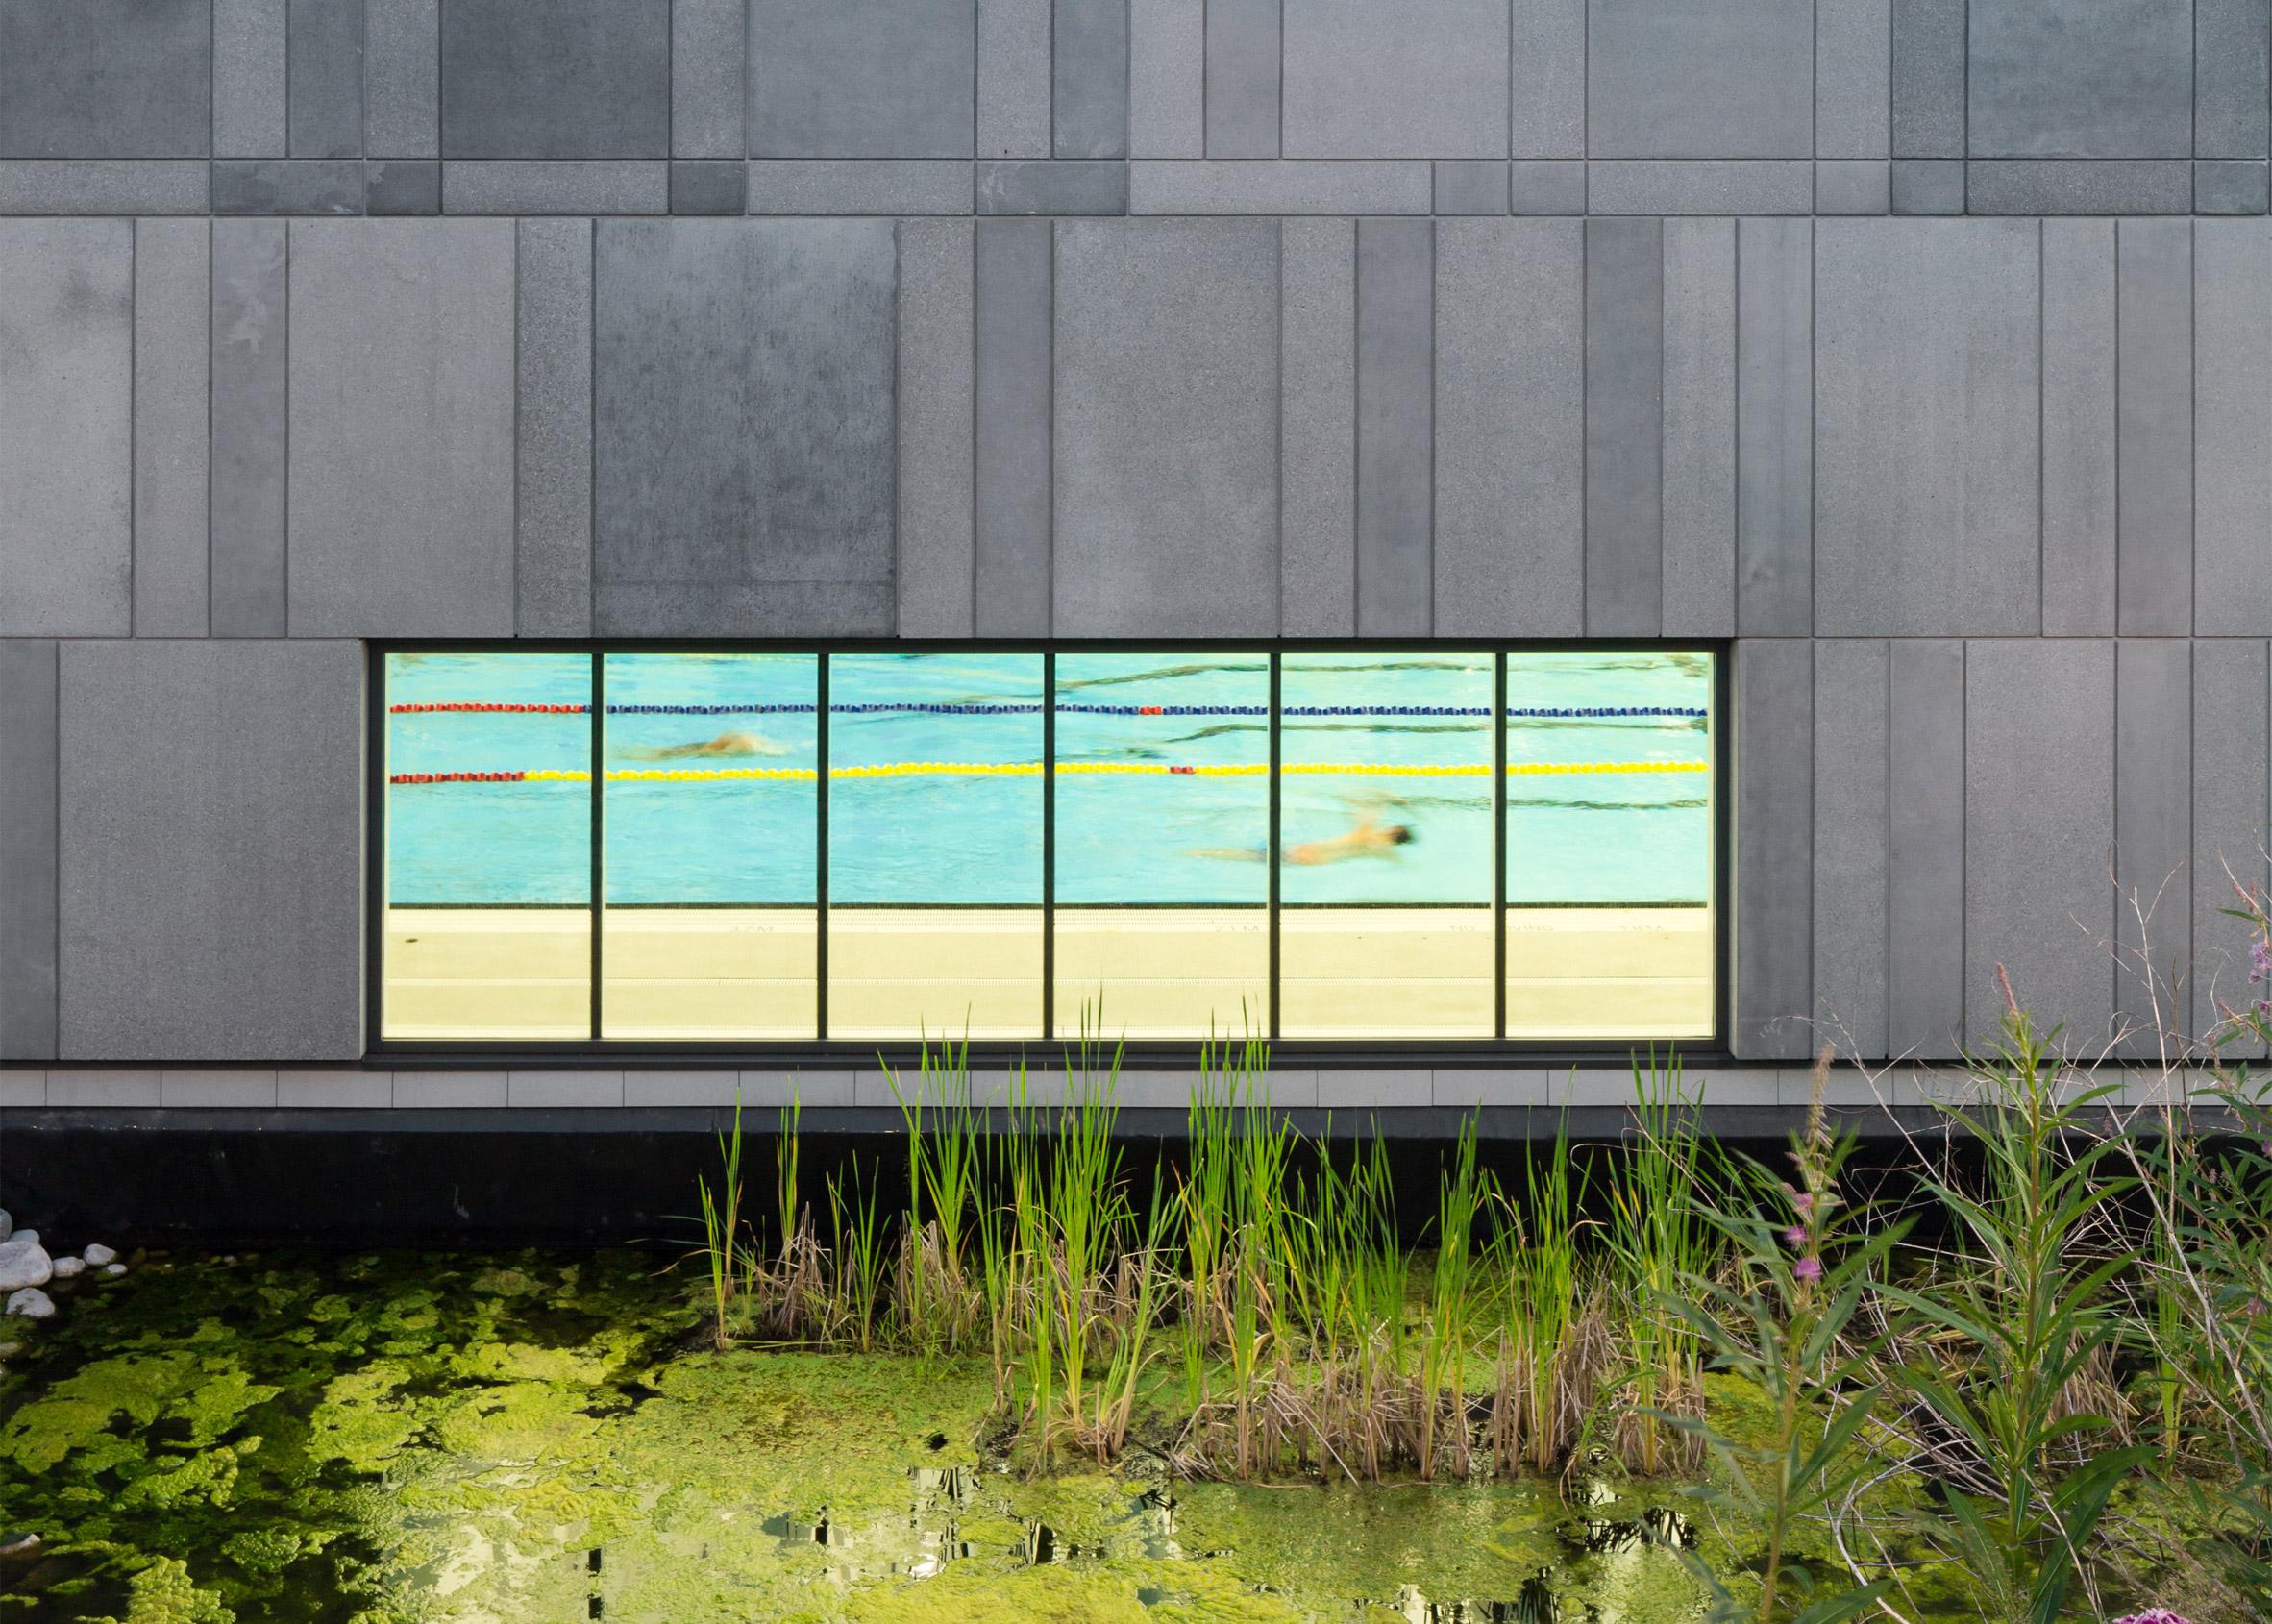 Residential Circuit Breaker Panel Diagram Bing Images